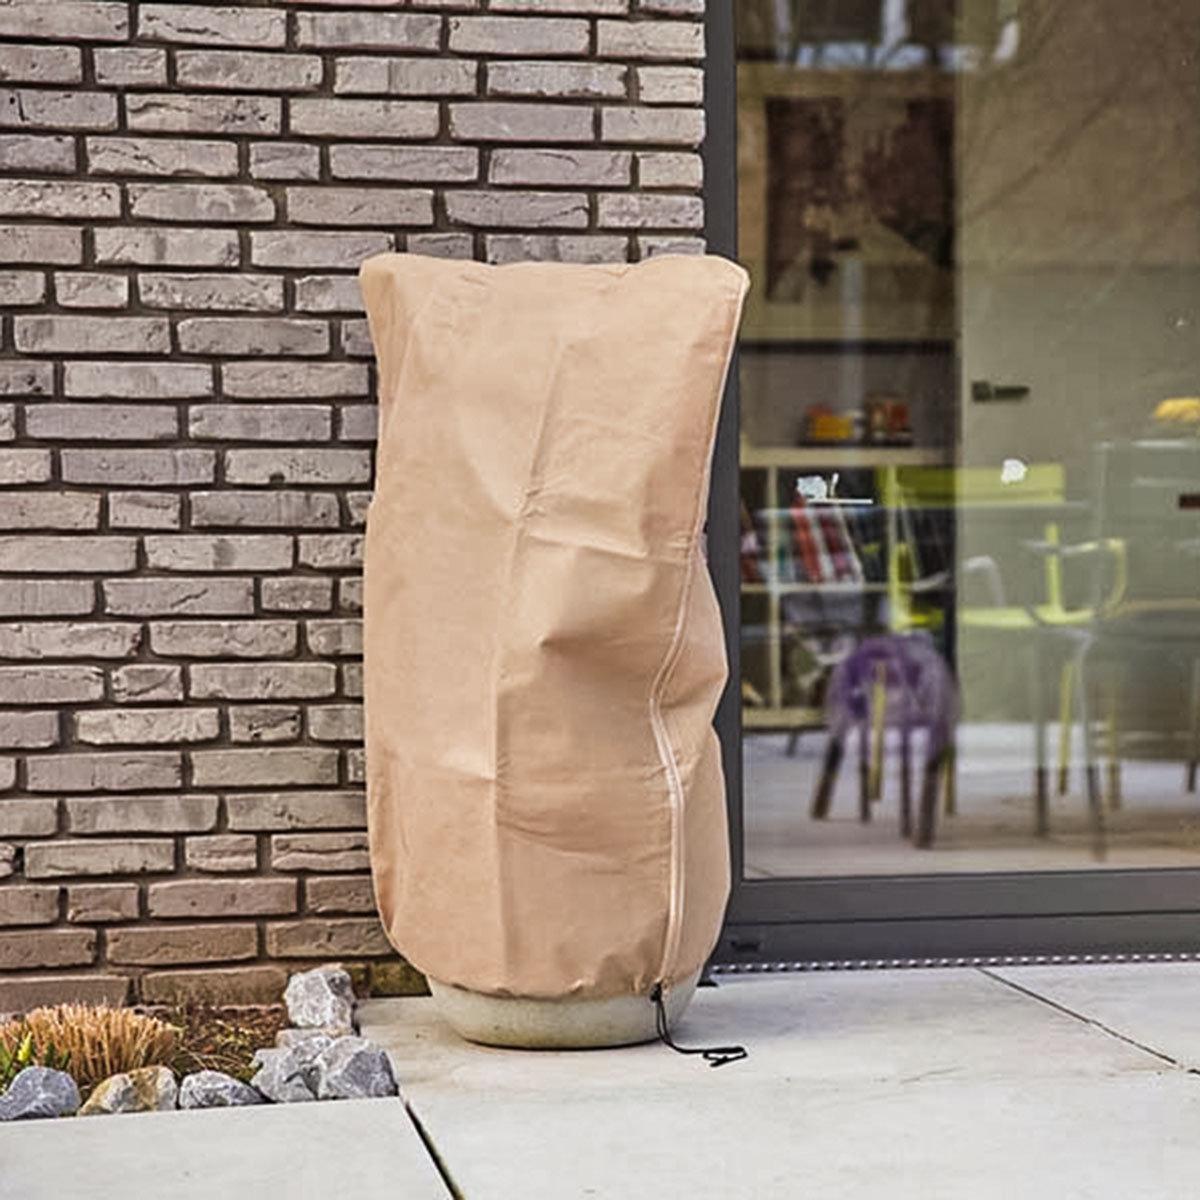 Kübelpflanzen-Sack, 180x120 cm